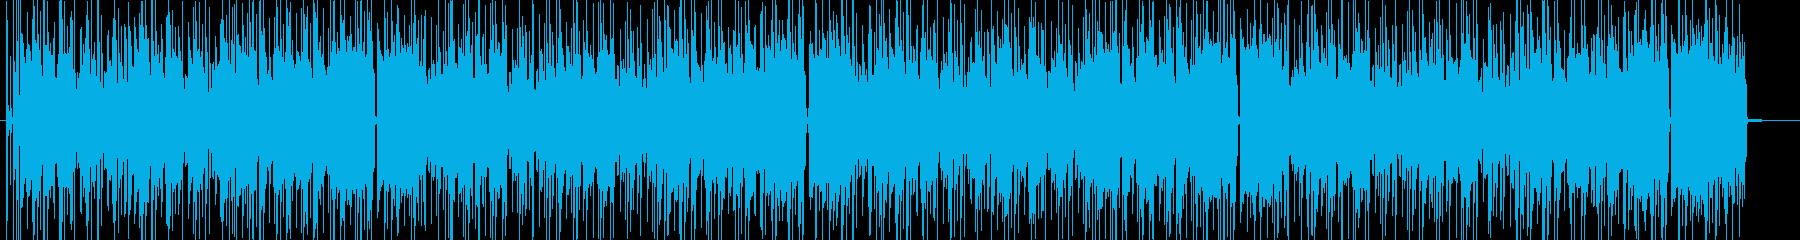 明るいトークBGM。オープニングなど。の再生済みの波形